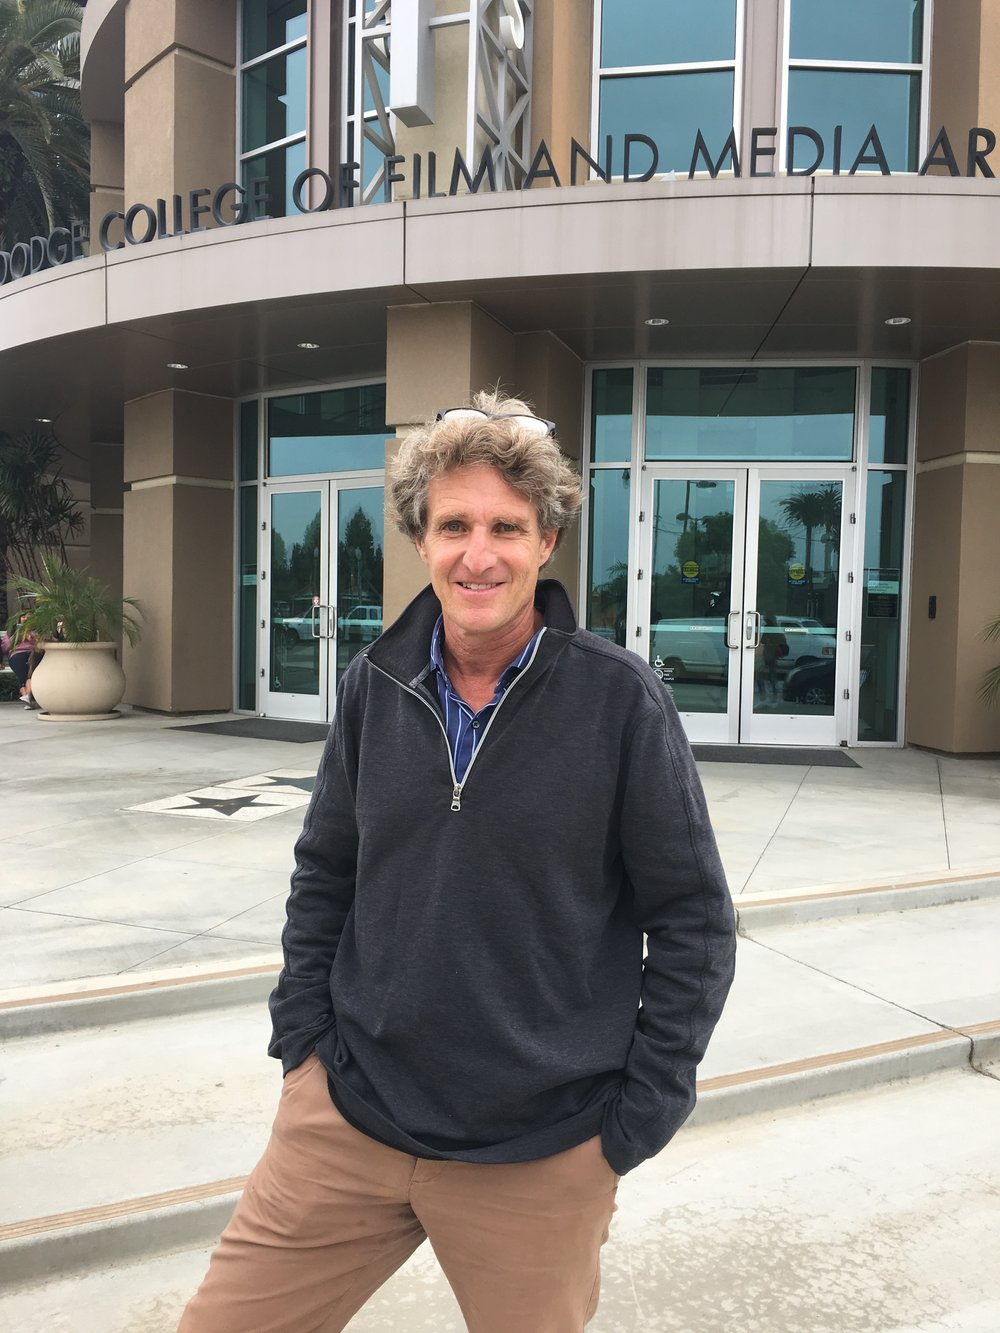 """傑夫·斯威默 (Jeff Swimmer)     傑夫·斯威默 (Jeff Swimmer)是查普曼大學道奇電影與媒體藝術學院的紀錄片教授,於本科和研究生學院教授紀錄片製作。他指導了許多查普曼著名的國際紀錄片項目,其中包括《目的地:非洲》和《錫克倫》。為了製作鼓舞人心的、關於開拓者的故事,Swimmer教授曾帶著學生們一起前往發展中國家考察拍攝。他為BBC,國家地理,PBS,Discovery,CNN,A&E,Arte(法國/德國)等製作、導演和撰寫電視紀錄片。曾是杜邦紀錄片獎的獲獎者。他的學生們的電影曾入選戛納電影節,特柳賴德獎等,也曾在艾美獎和學生學院獎的決賽中取得成績。 Swimmer教授於2015年出版的教科書""""紀錄片案例研究:有史以來最偉大的(真實)故事的幕後故事""""被廣泛用於美國的紀錄片製作課程。目前Swimmer與他的妻子Gayle Gilman和四個孩子住在加利福尼亞州的聖莫尼卡。他的妻子是短片數字內容製作公司Ripple Entertainment的首席執行官。"""